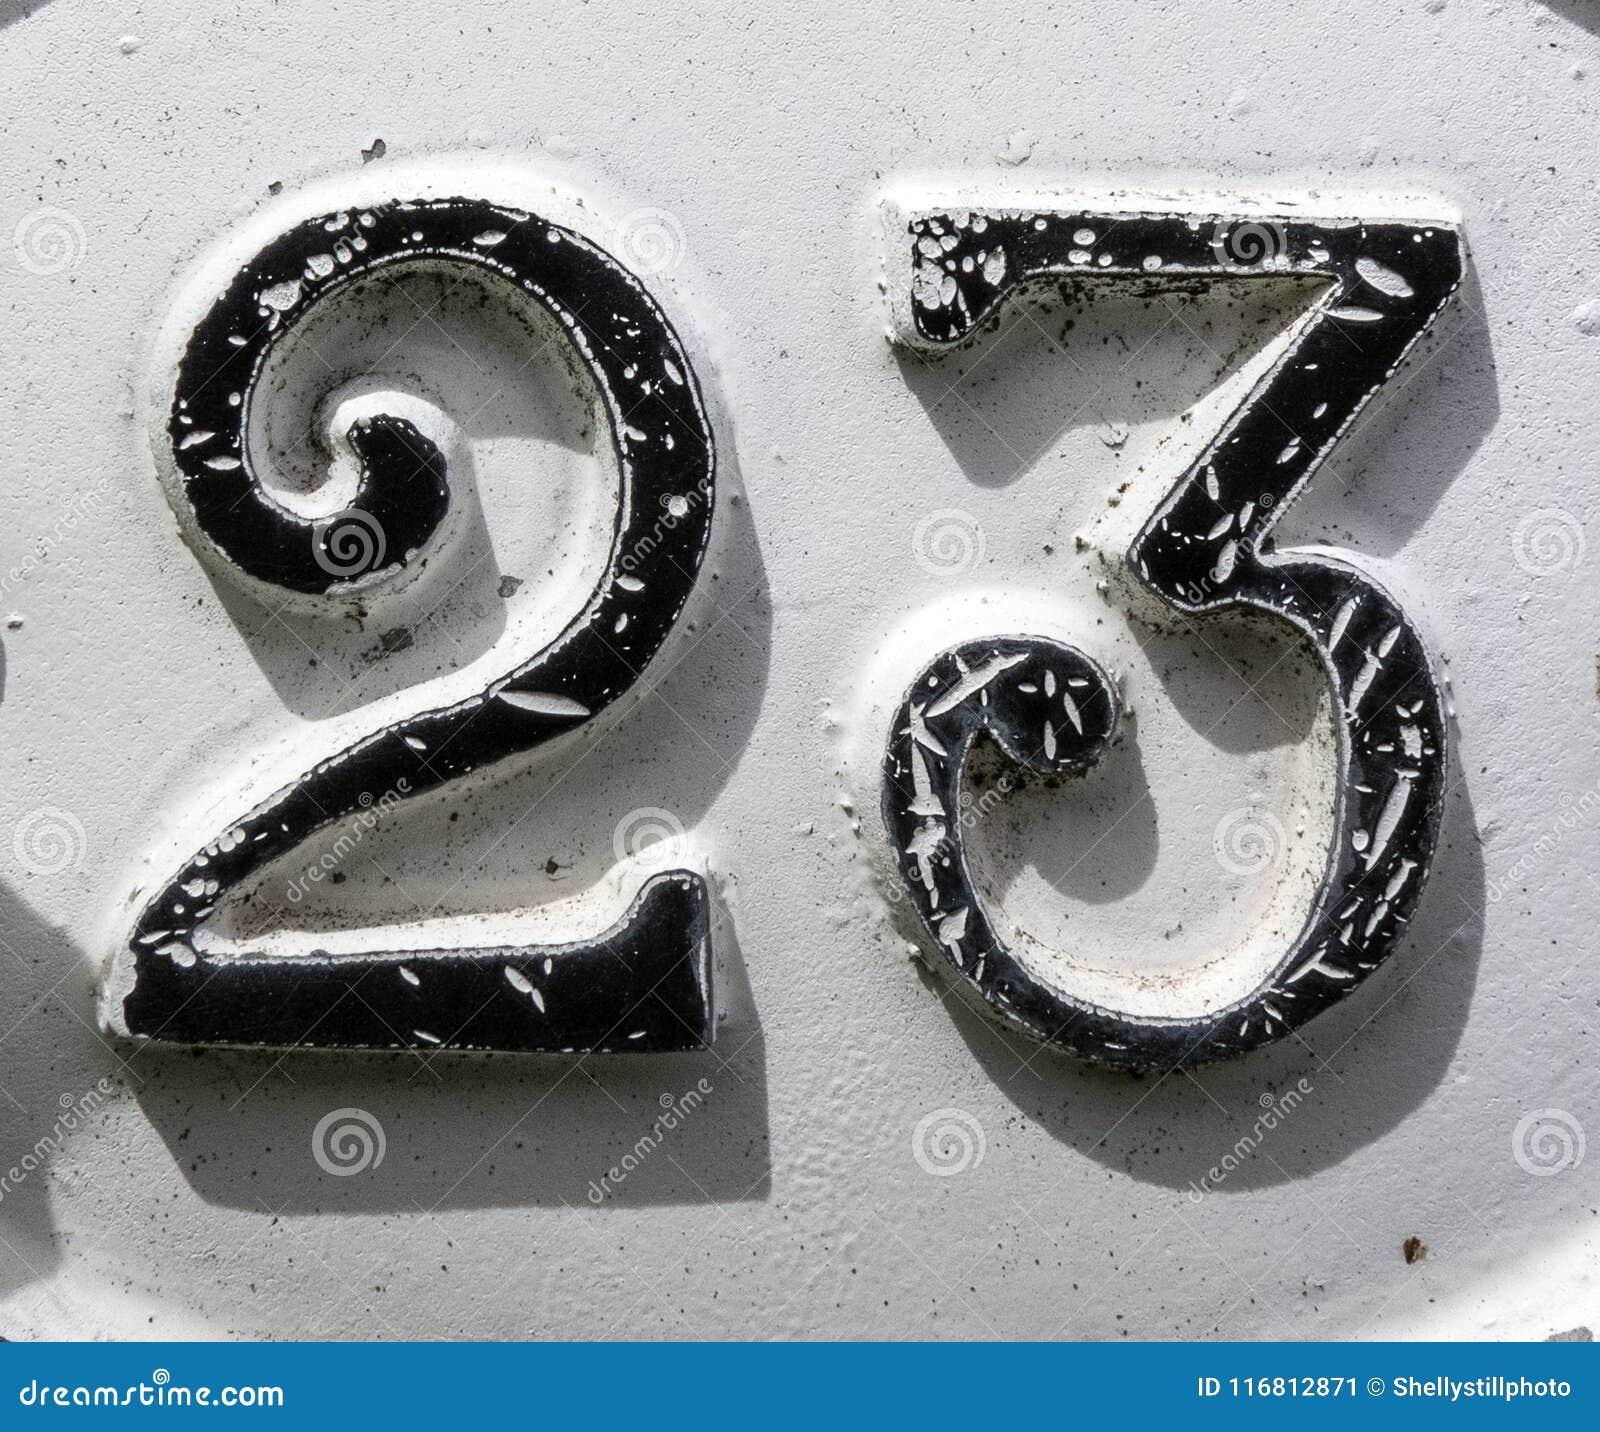 Espressione scritta nello stato afflitto numero trovato tipografia 23 ventitre